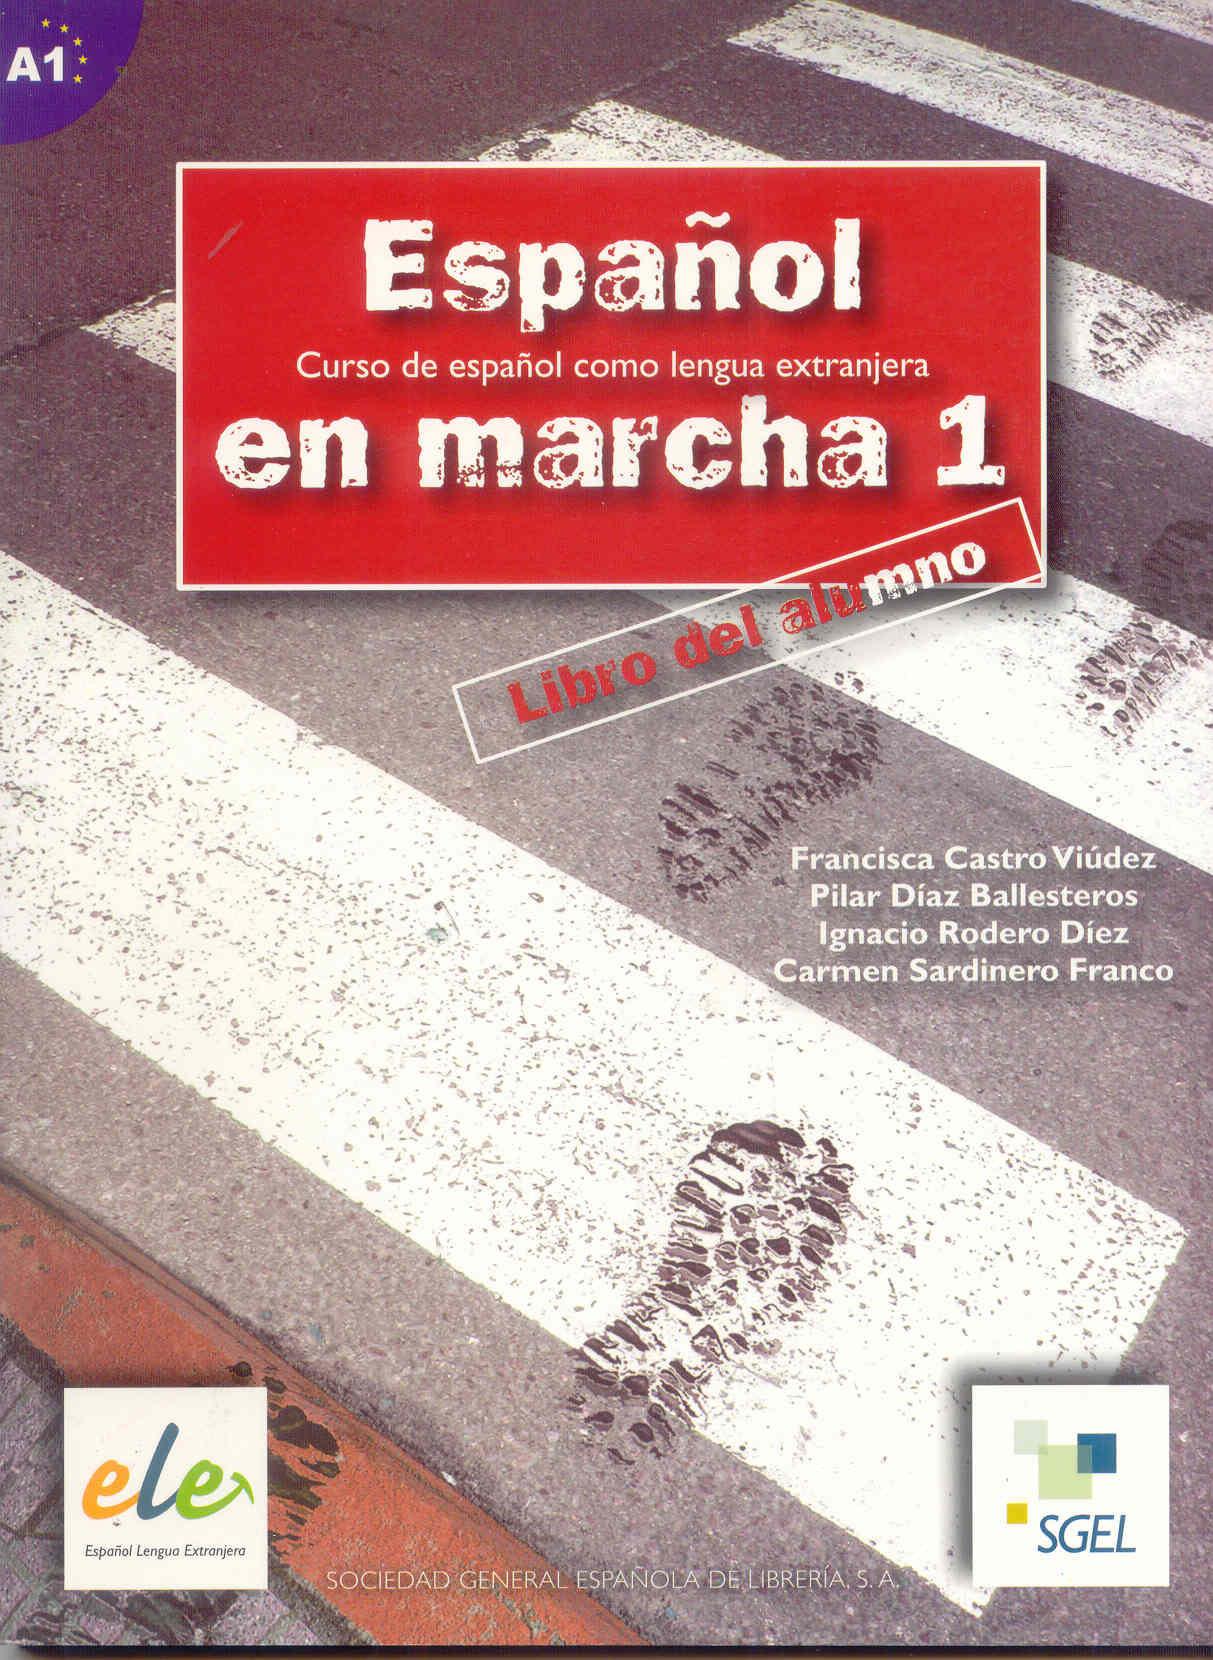 Español En Marcha 1: Libro Del Alumno (curso Del Español Como Len Gua Extranjera) por Vv.aa.